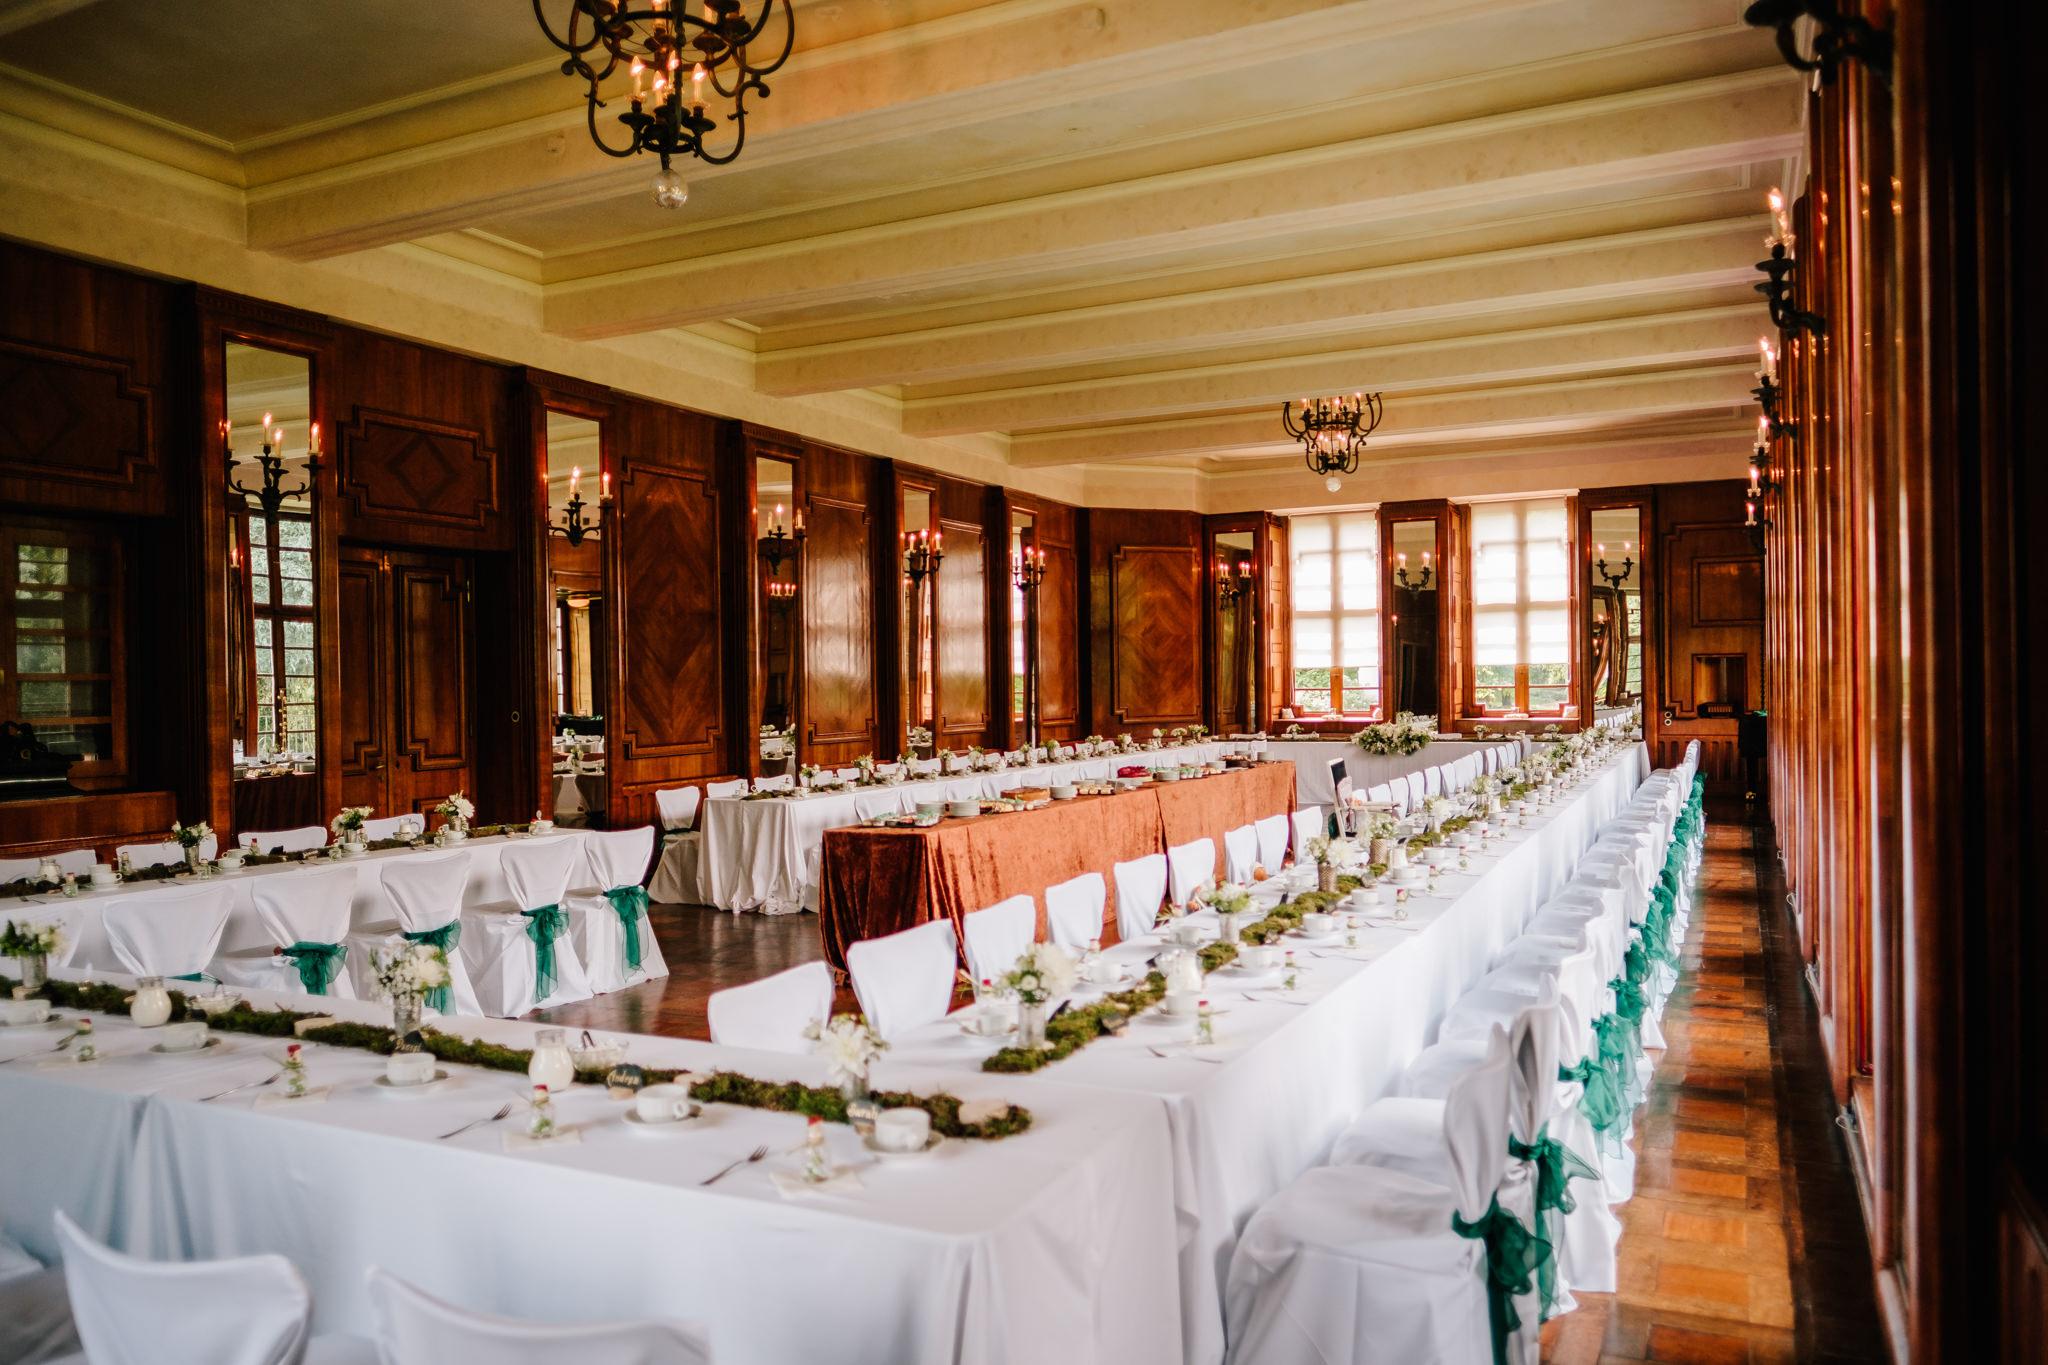 Hochzeit Burg Namedy Andernach 52 Authentic Stories